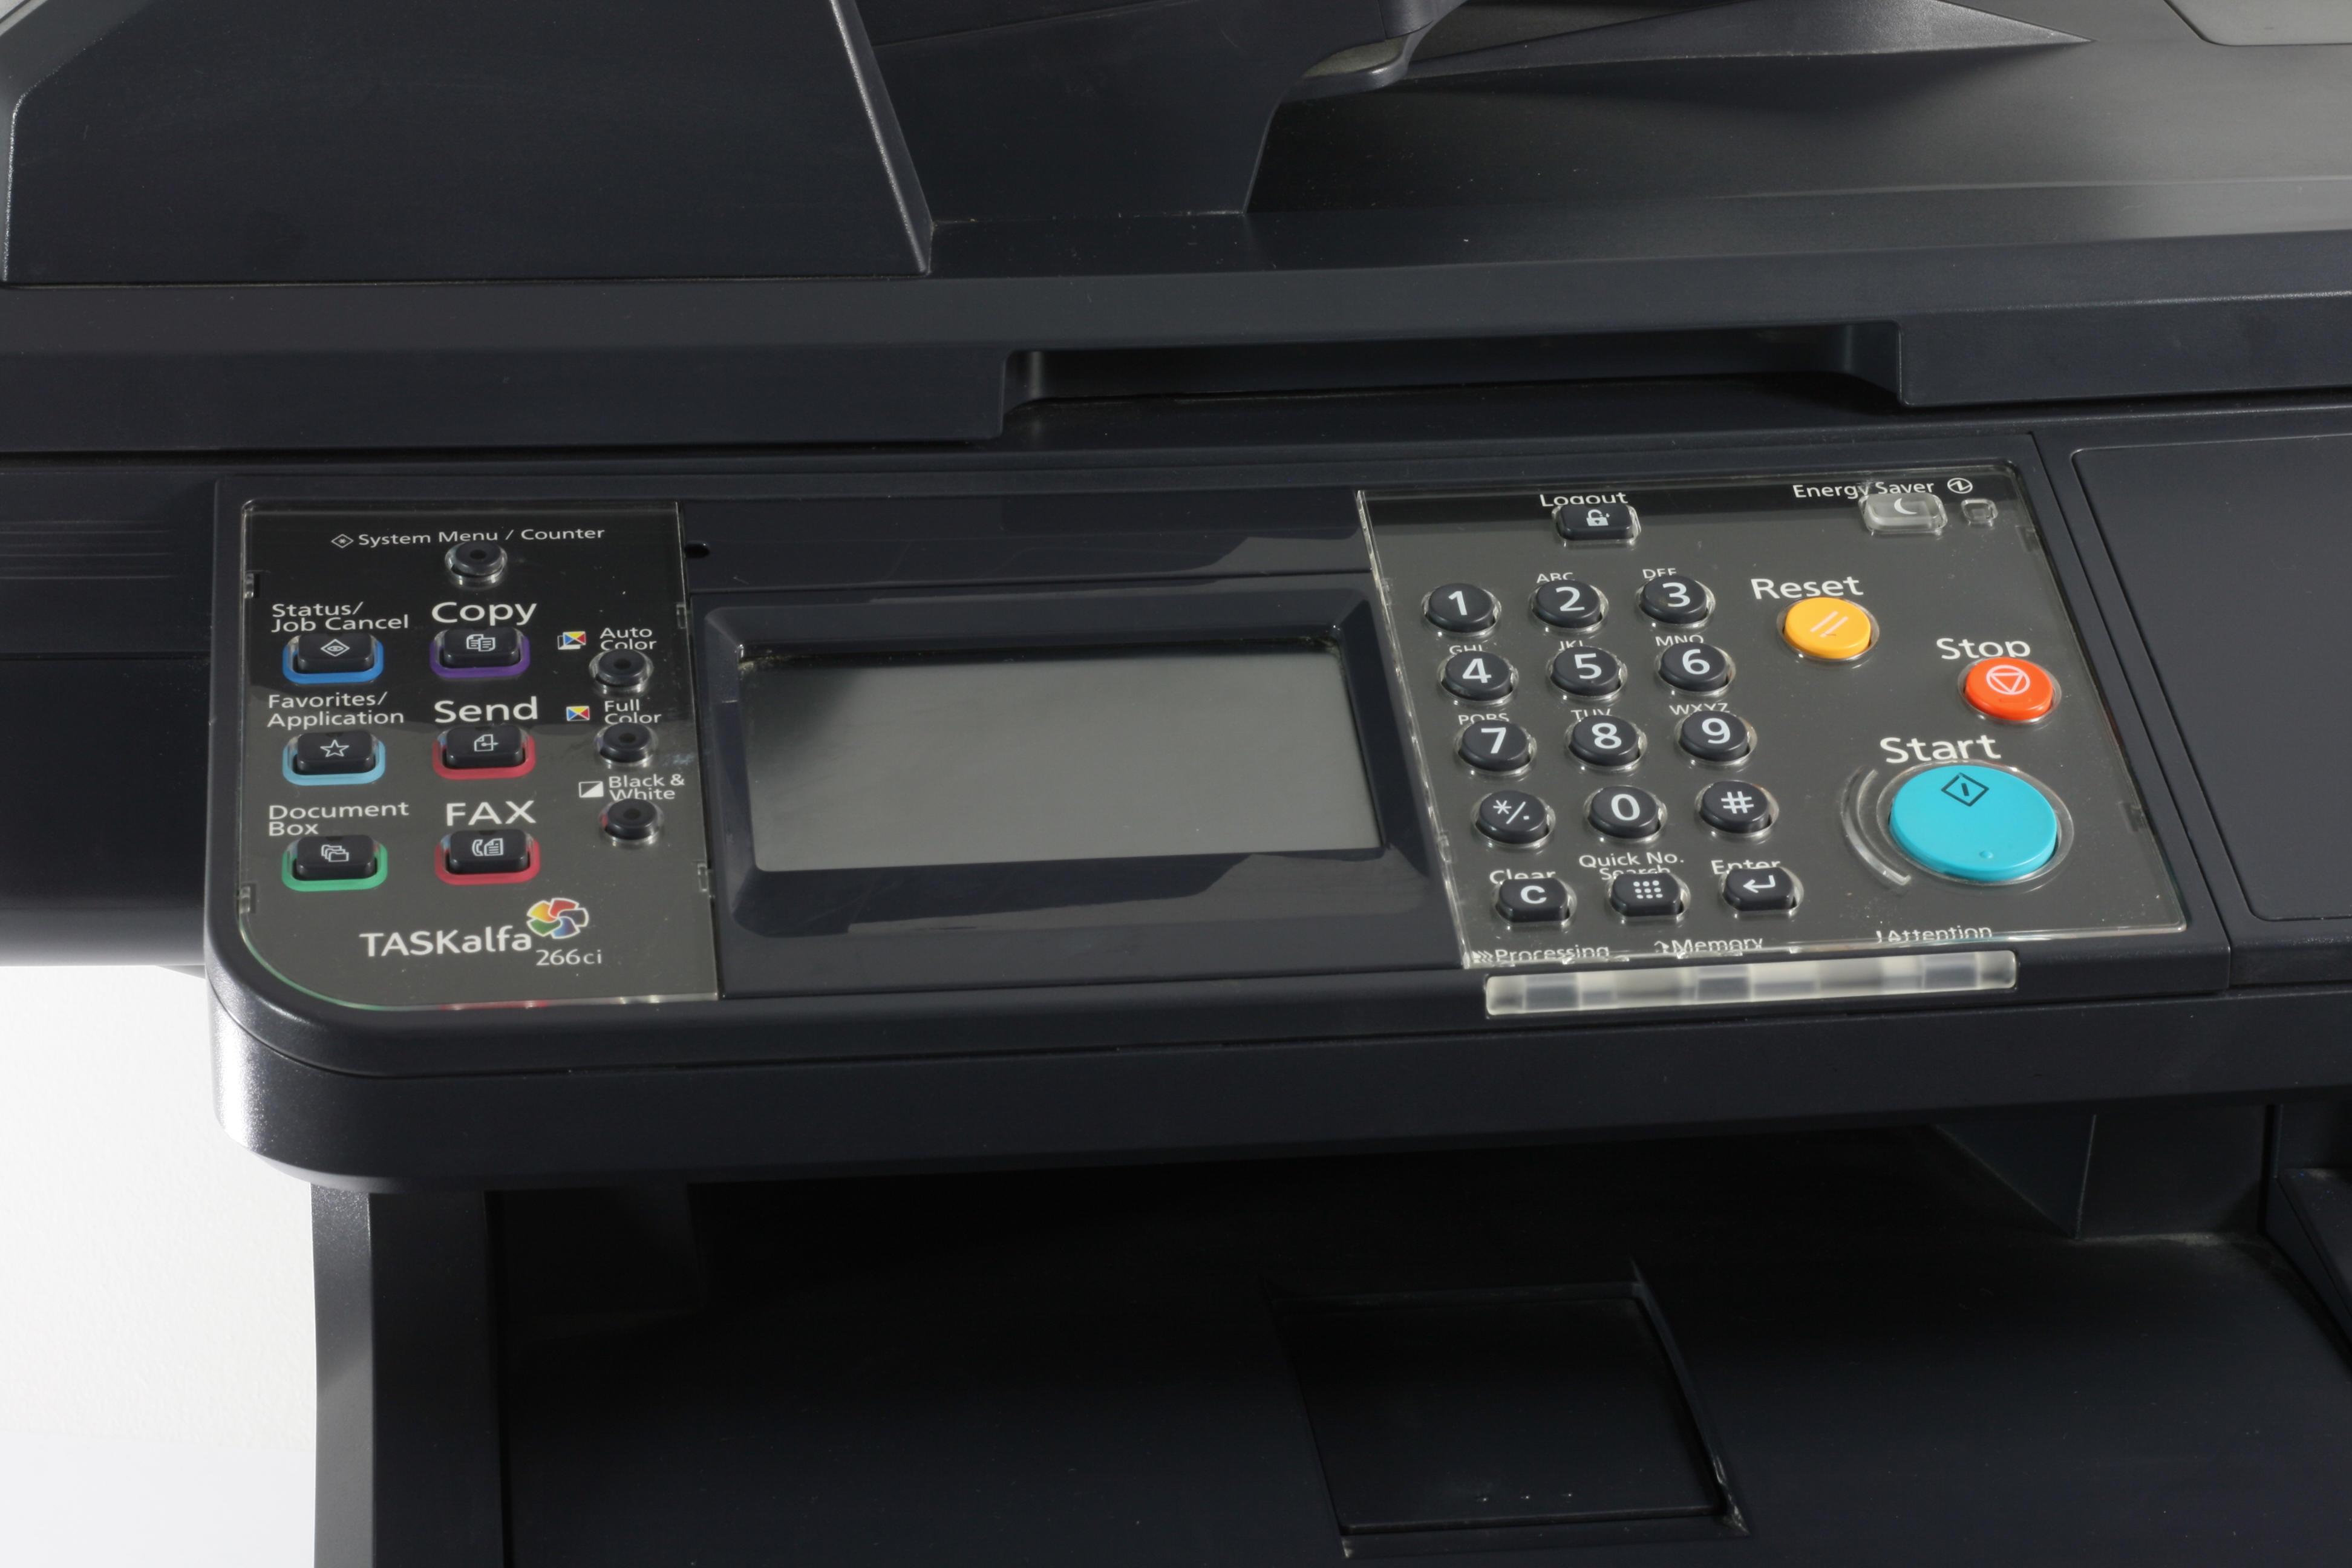 Kyocera Taskalfa 266ci MFP Drucker Laserdrucker Kopierer Scanner Fax Color gebraucht /  unter 30.000 Seiten